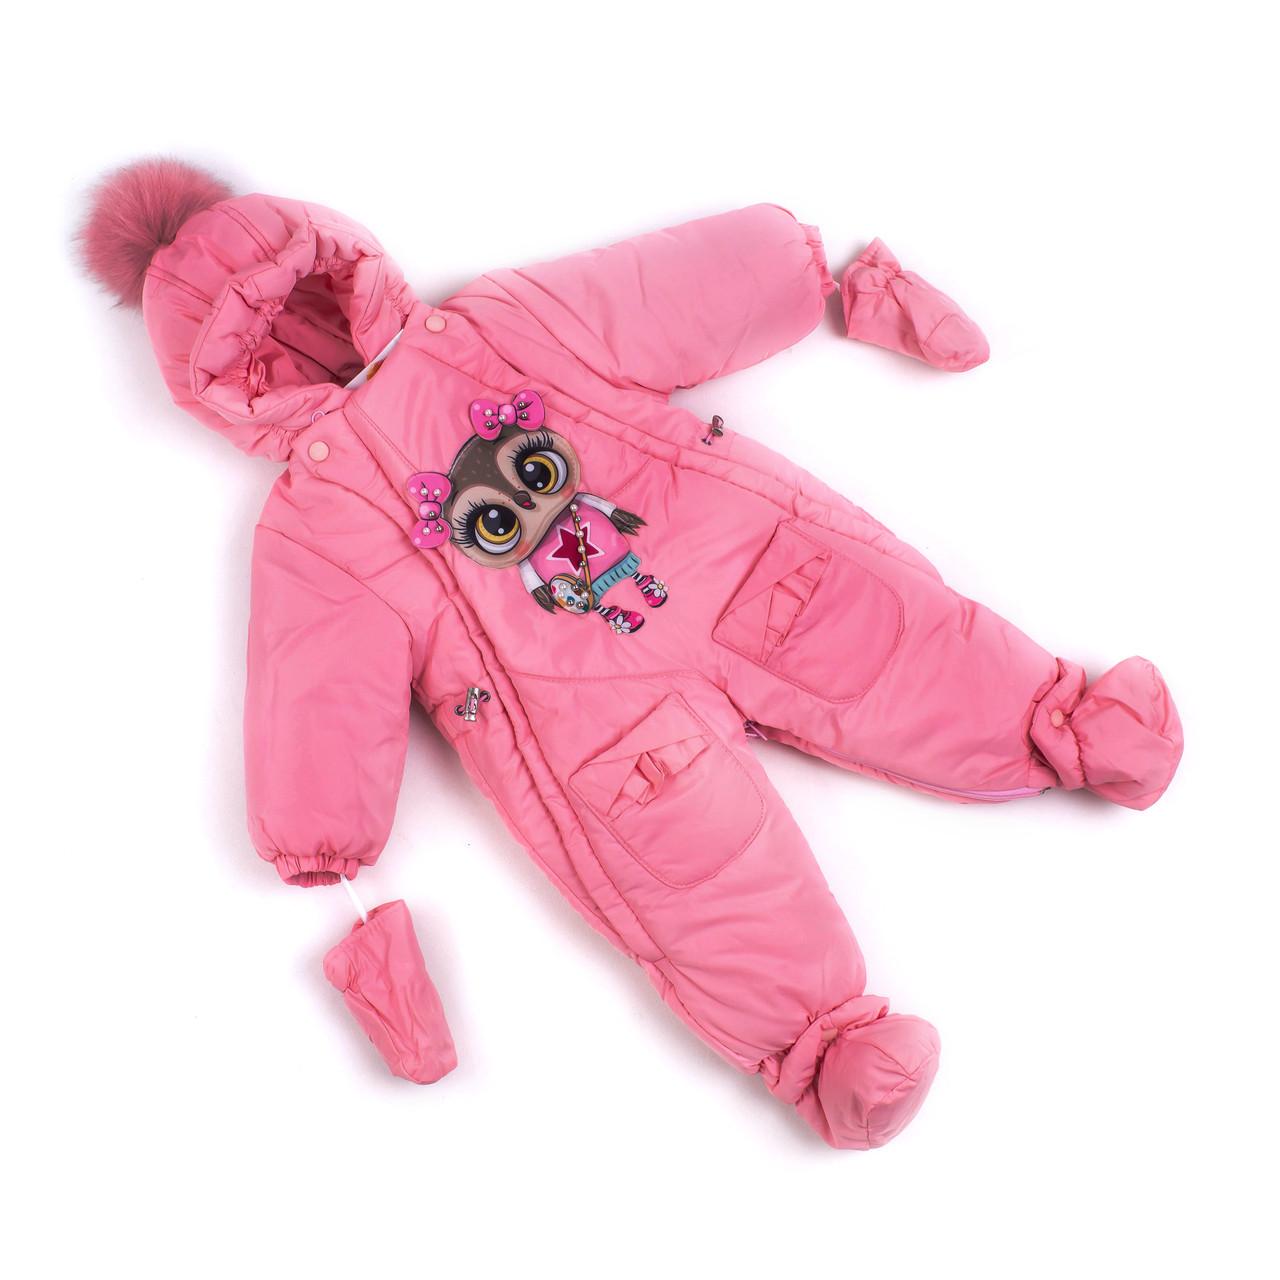 Комбинезоны для новорожденных зимние трансформер  74-86 розовый